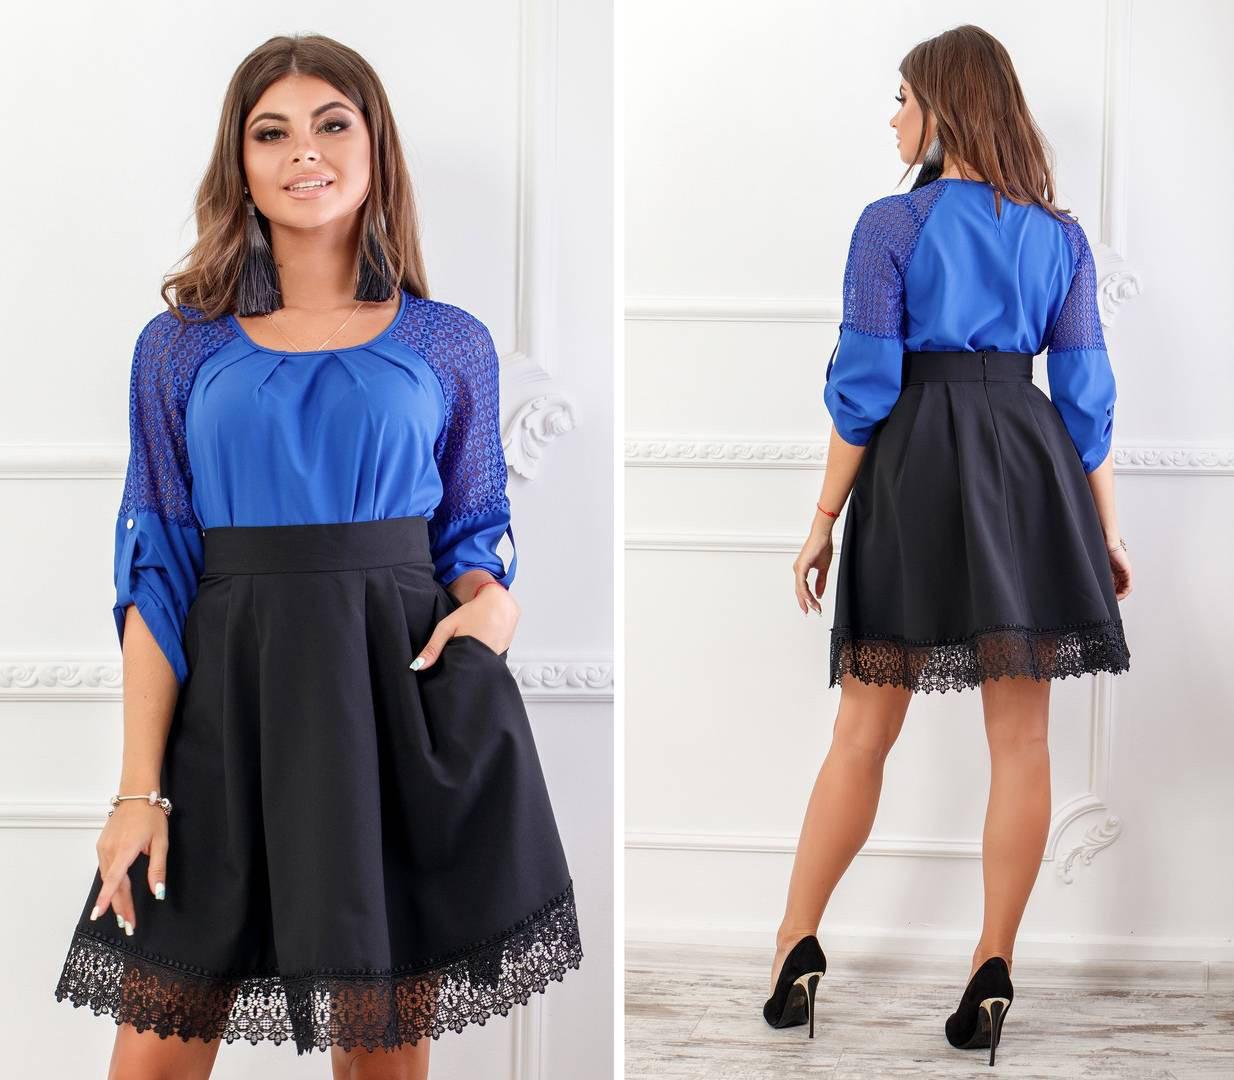 Блуза женская с кружевными вставками, бенгалин, модель 117, цвет - электрик